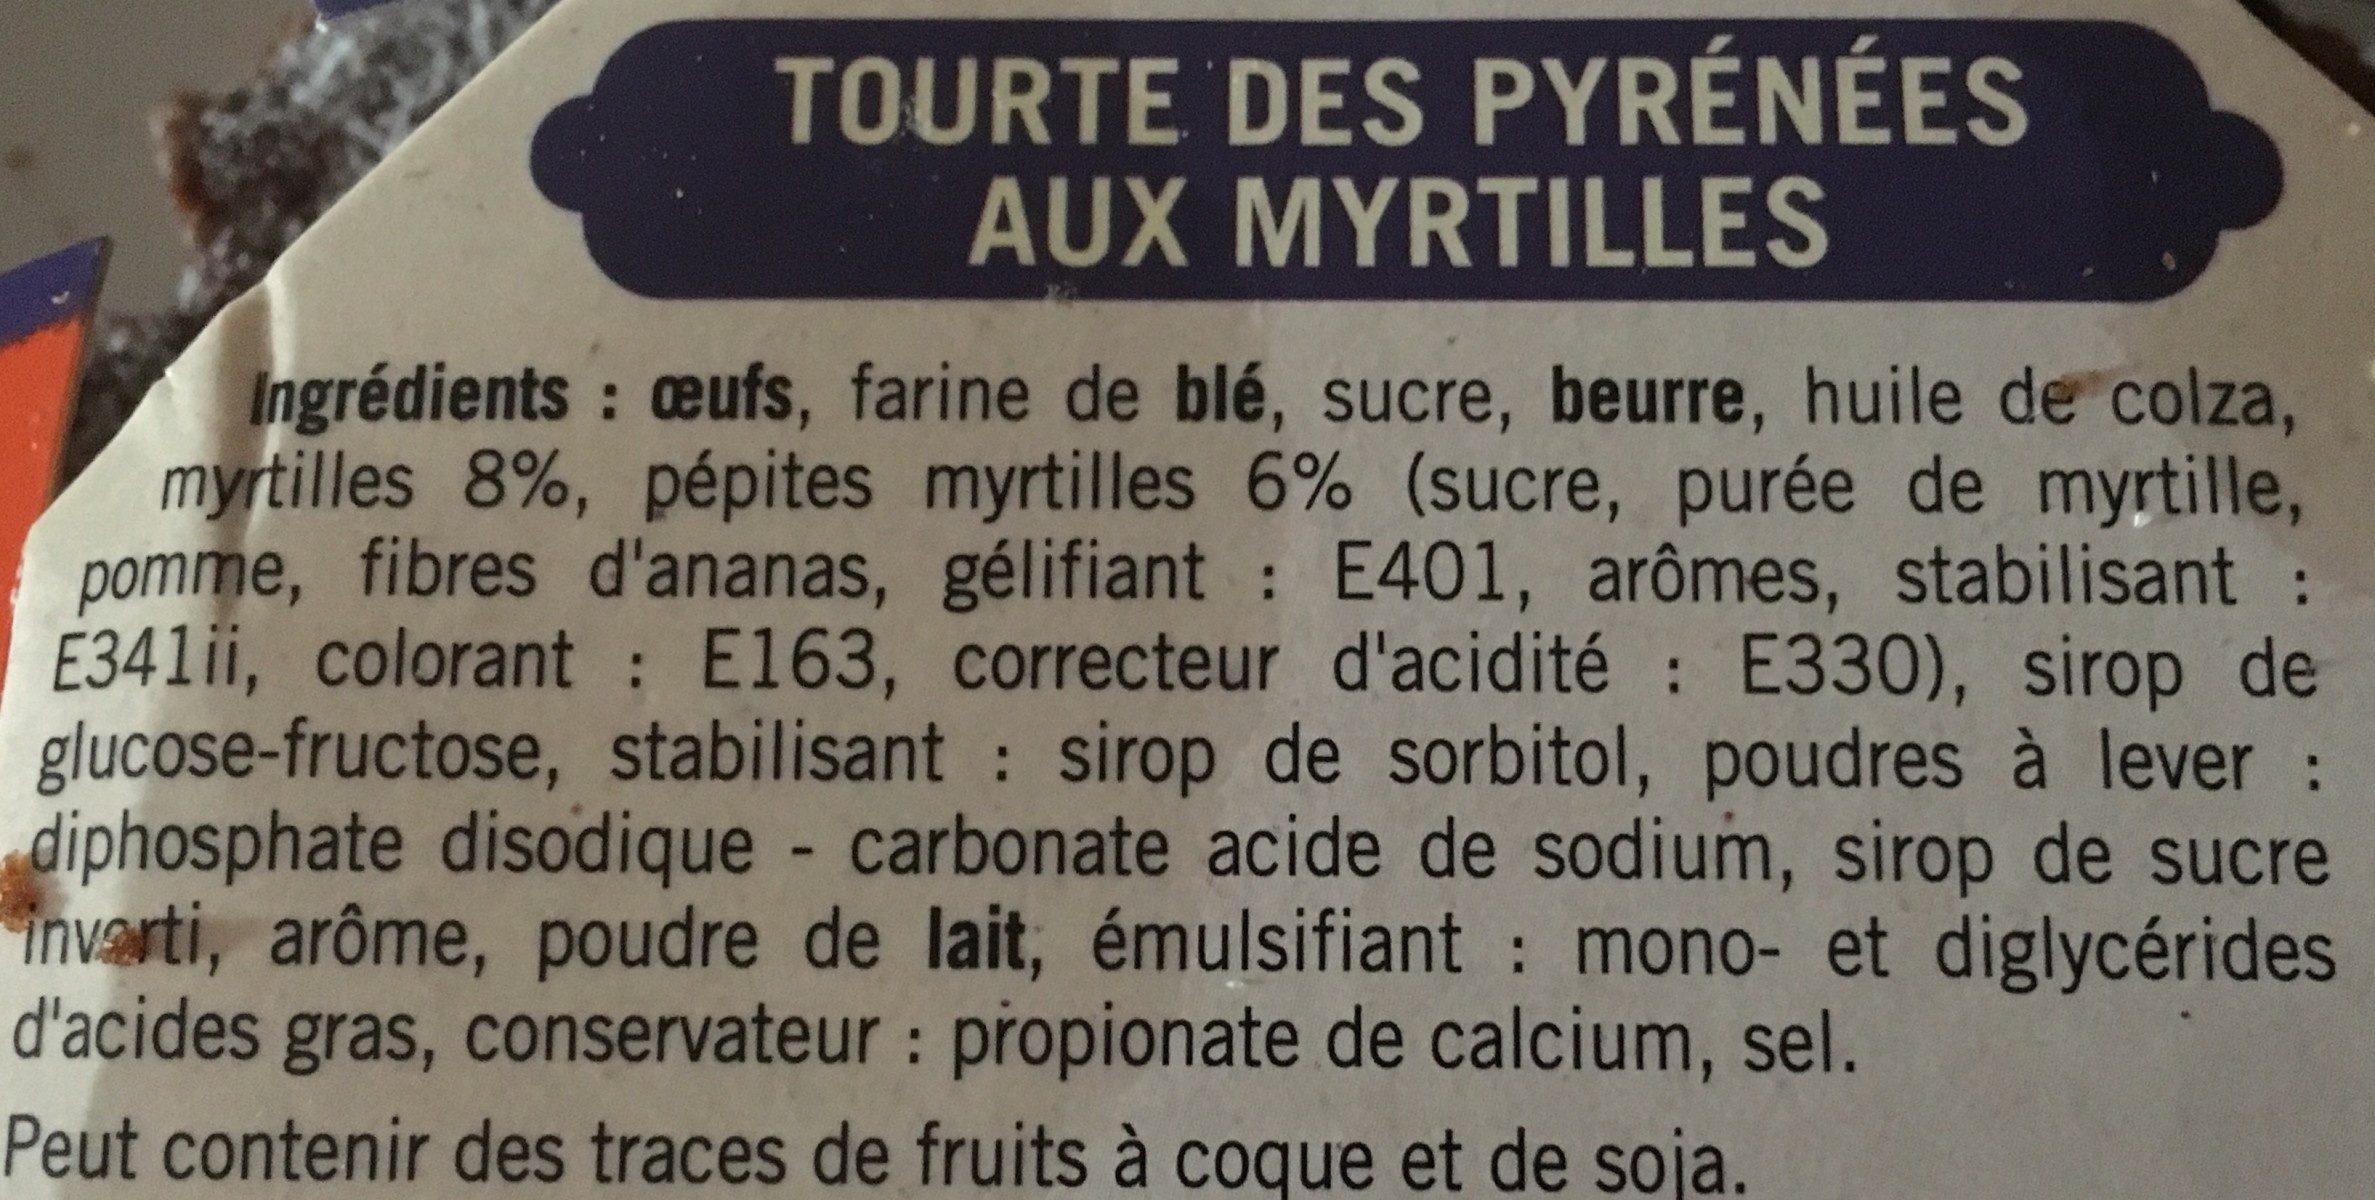 Tourte des Pyrénées Myrtilles - Ingrediënten - fr